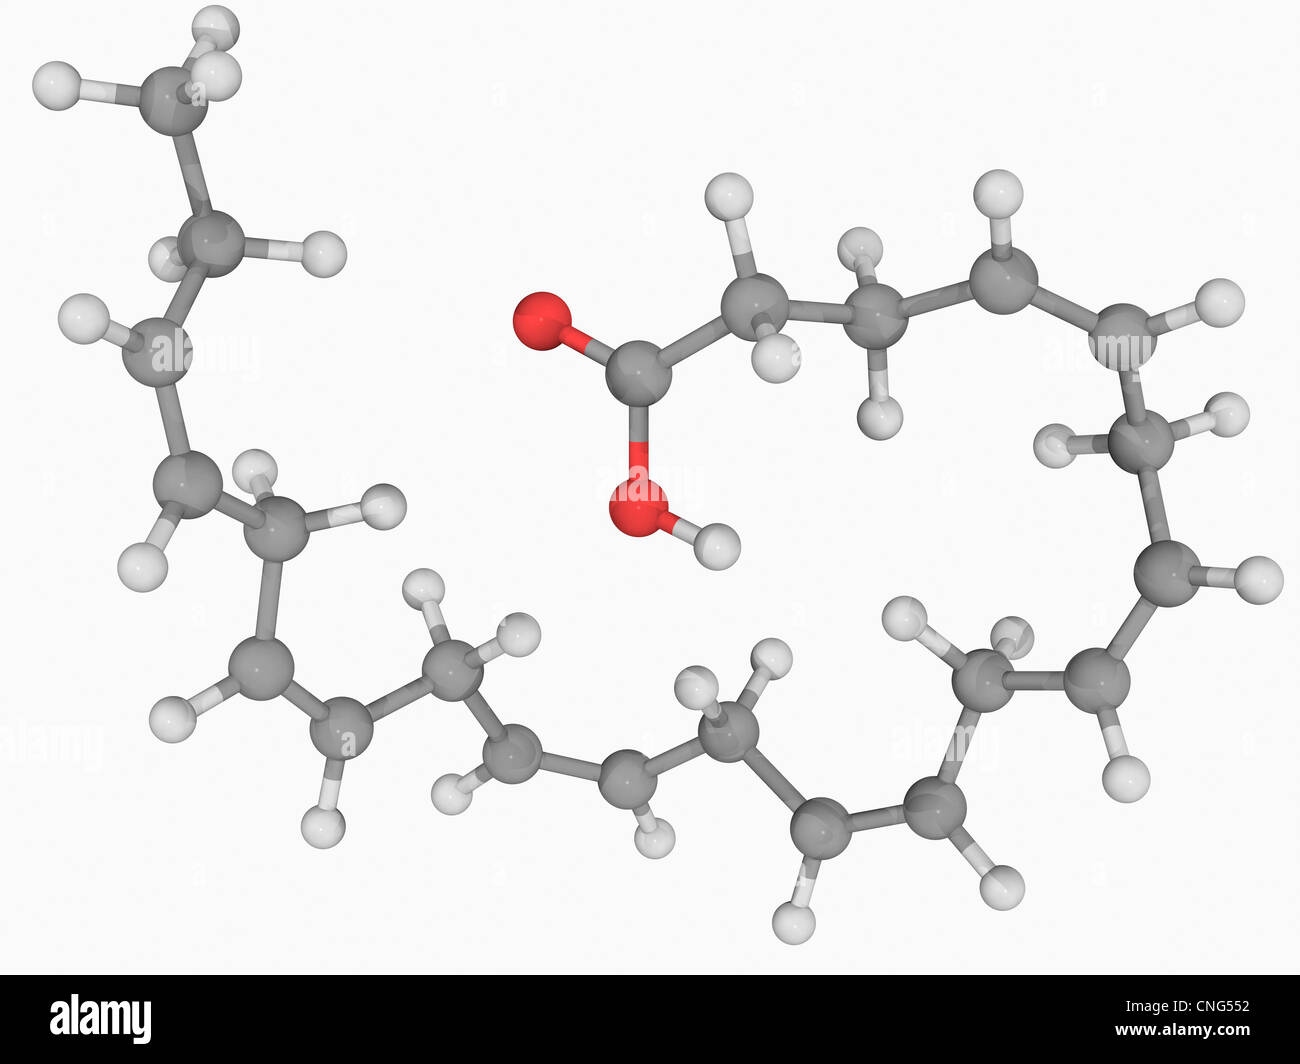 Docosahexaeonic acid molecule - Stock Image